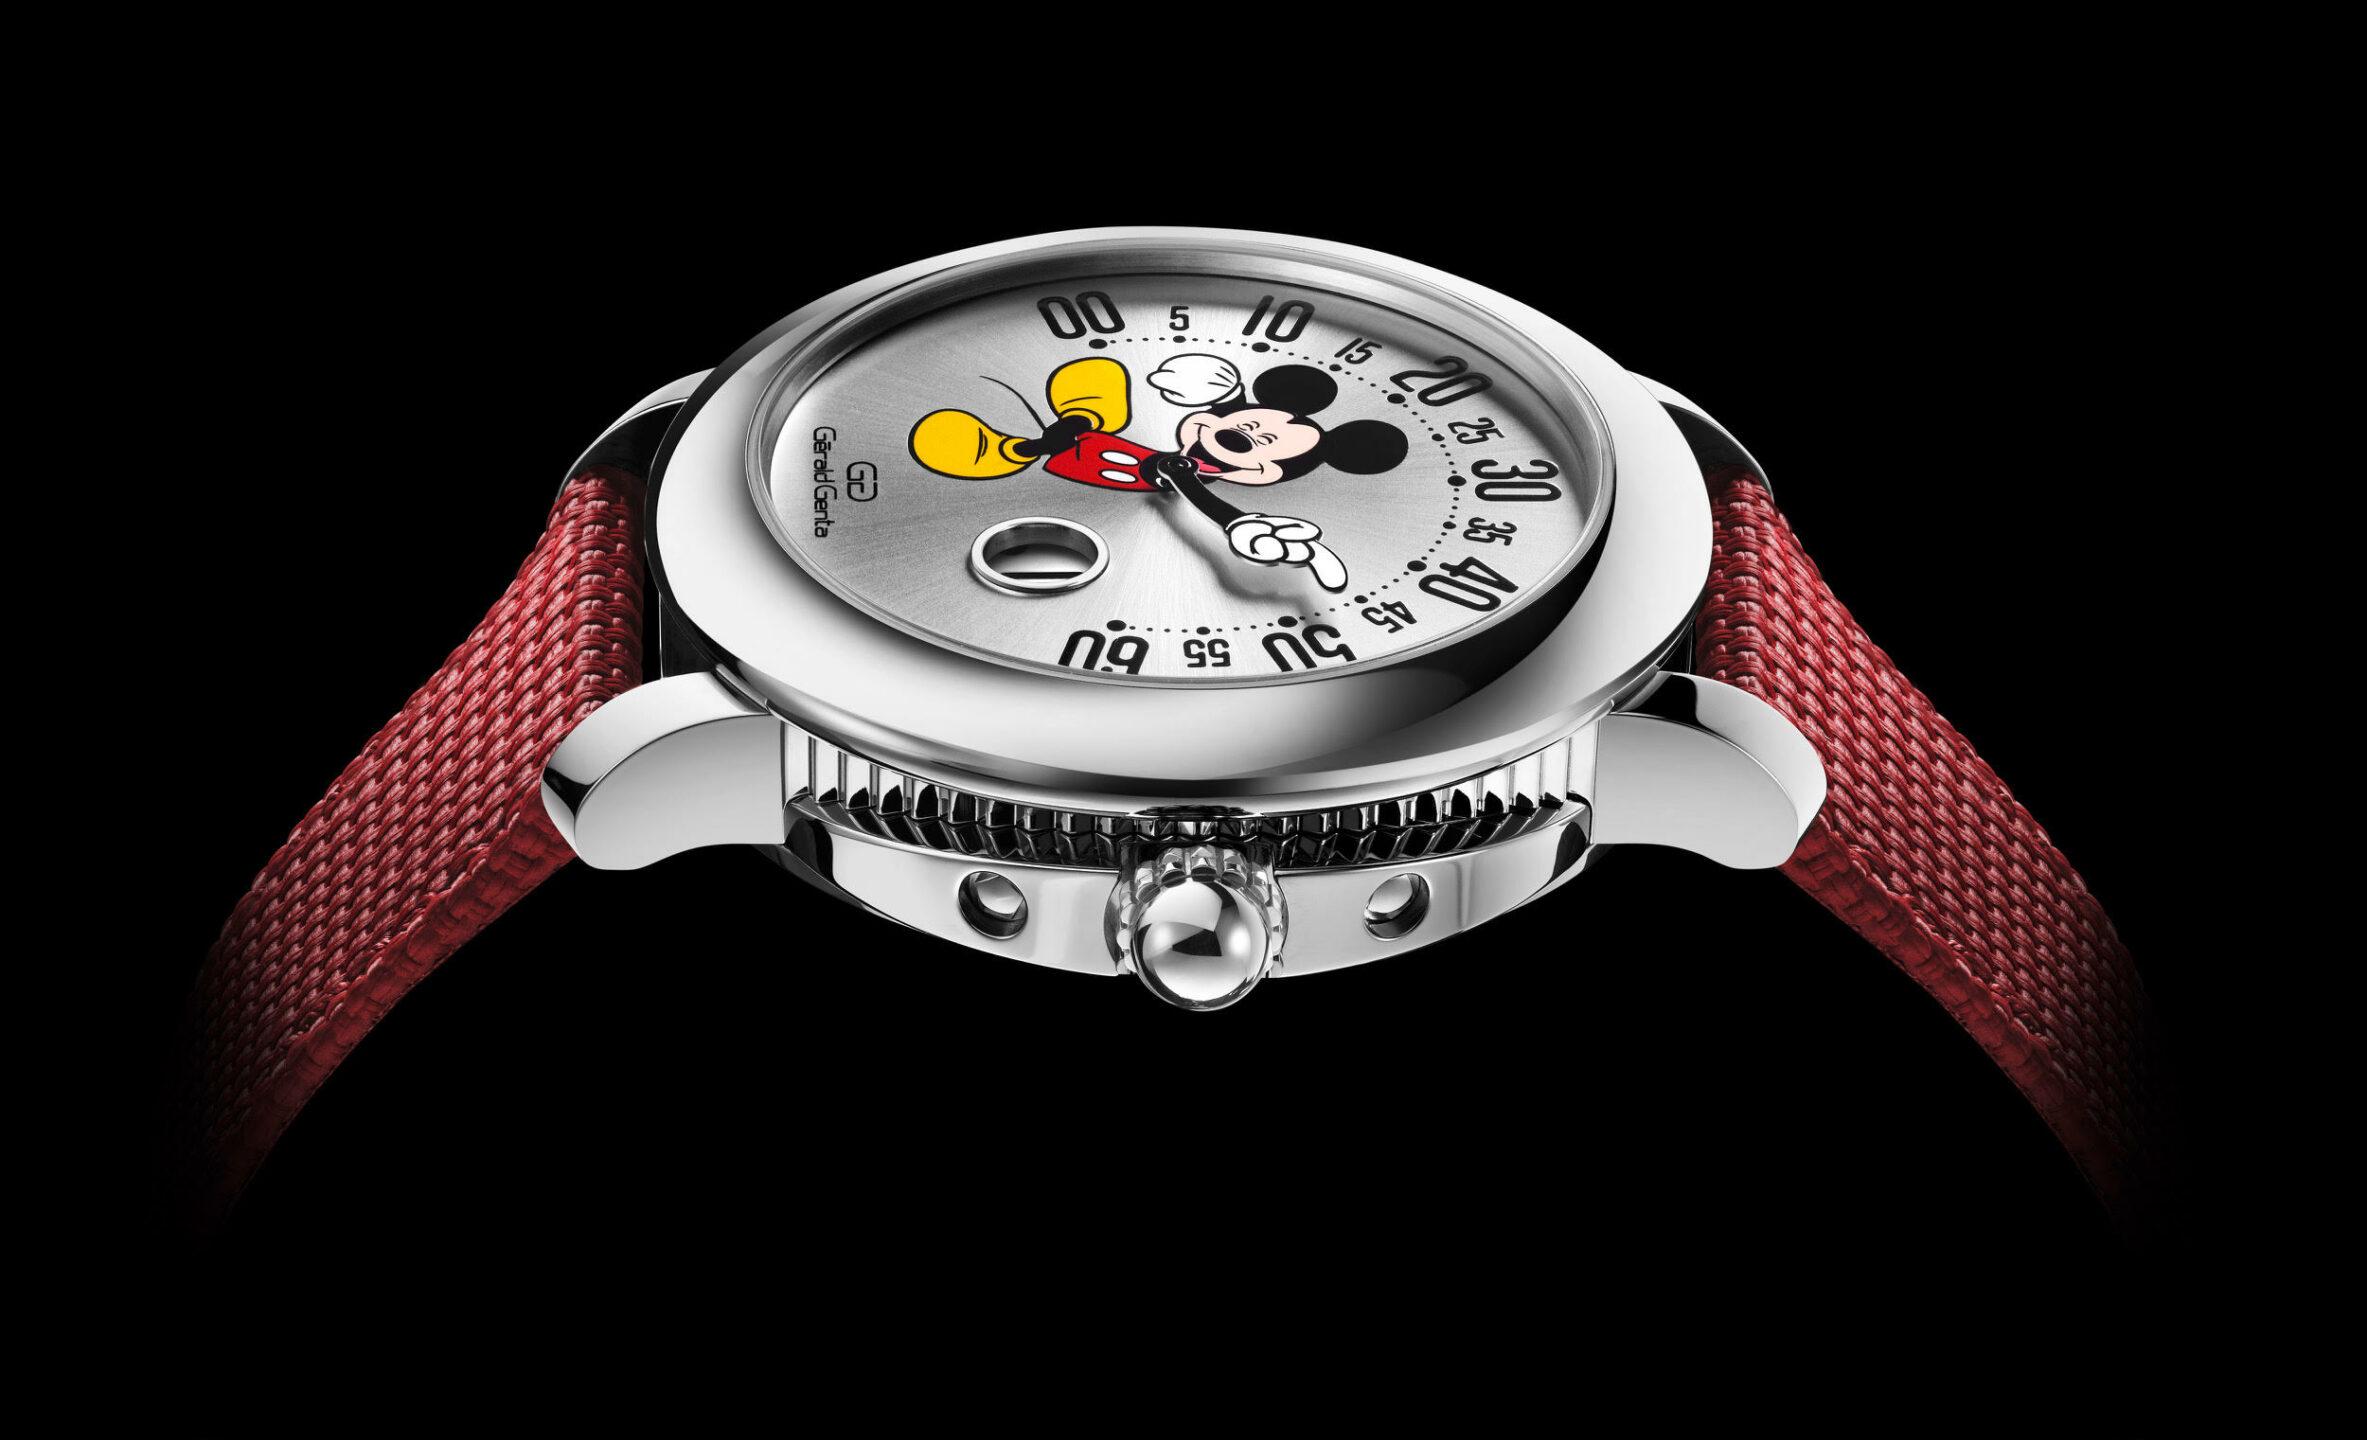 un-orologio-in-edizione-limitata-rende-omaggio-a-mickey-mouse,-simbolo-del-mondo-disney